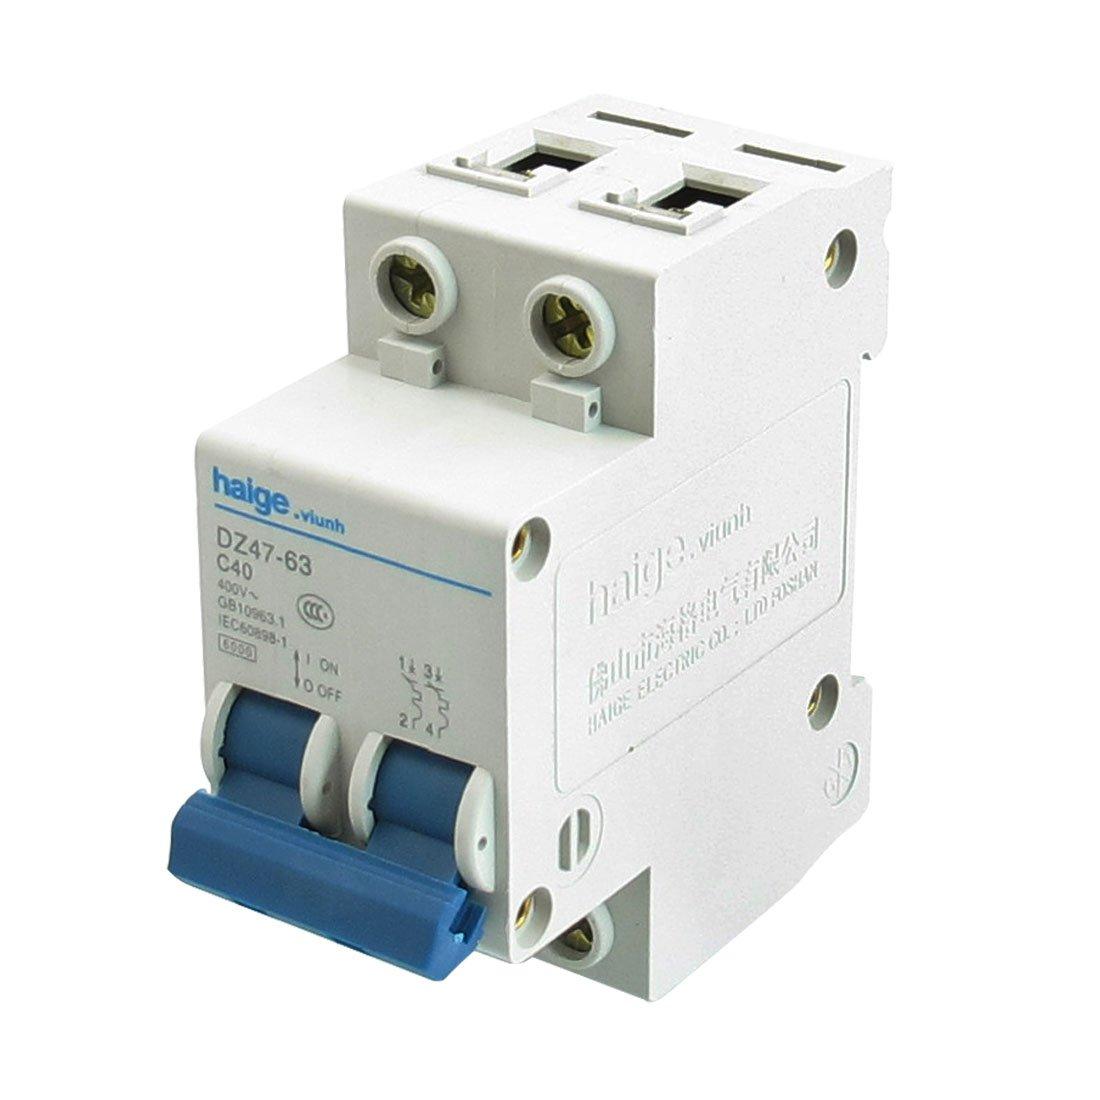 Uxcell Ac 400v 40a 6000a 2 P Mcb Miniature Circuit Breaker Dz47 63 Electrical Machine C40